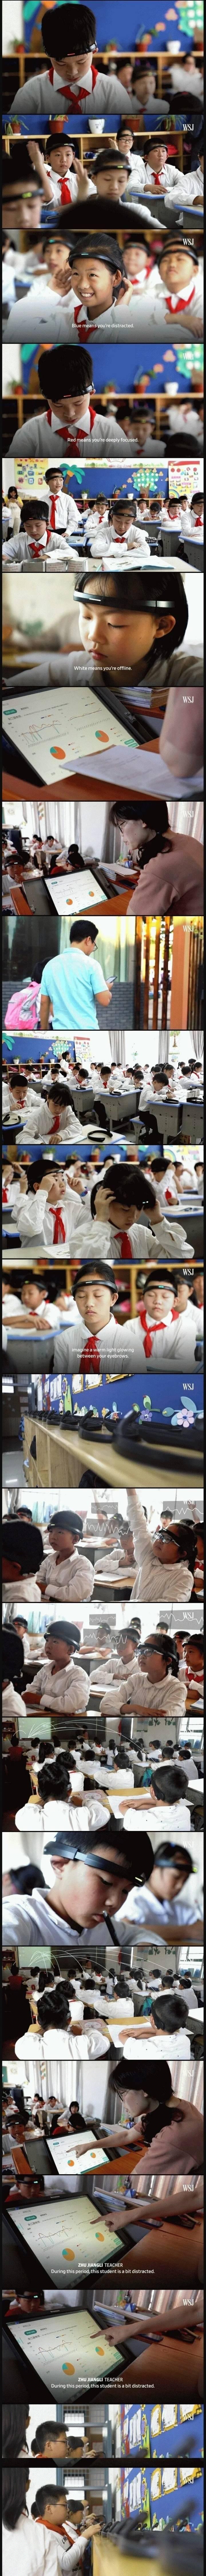 중국 초등학교 근황 | 인스티즈